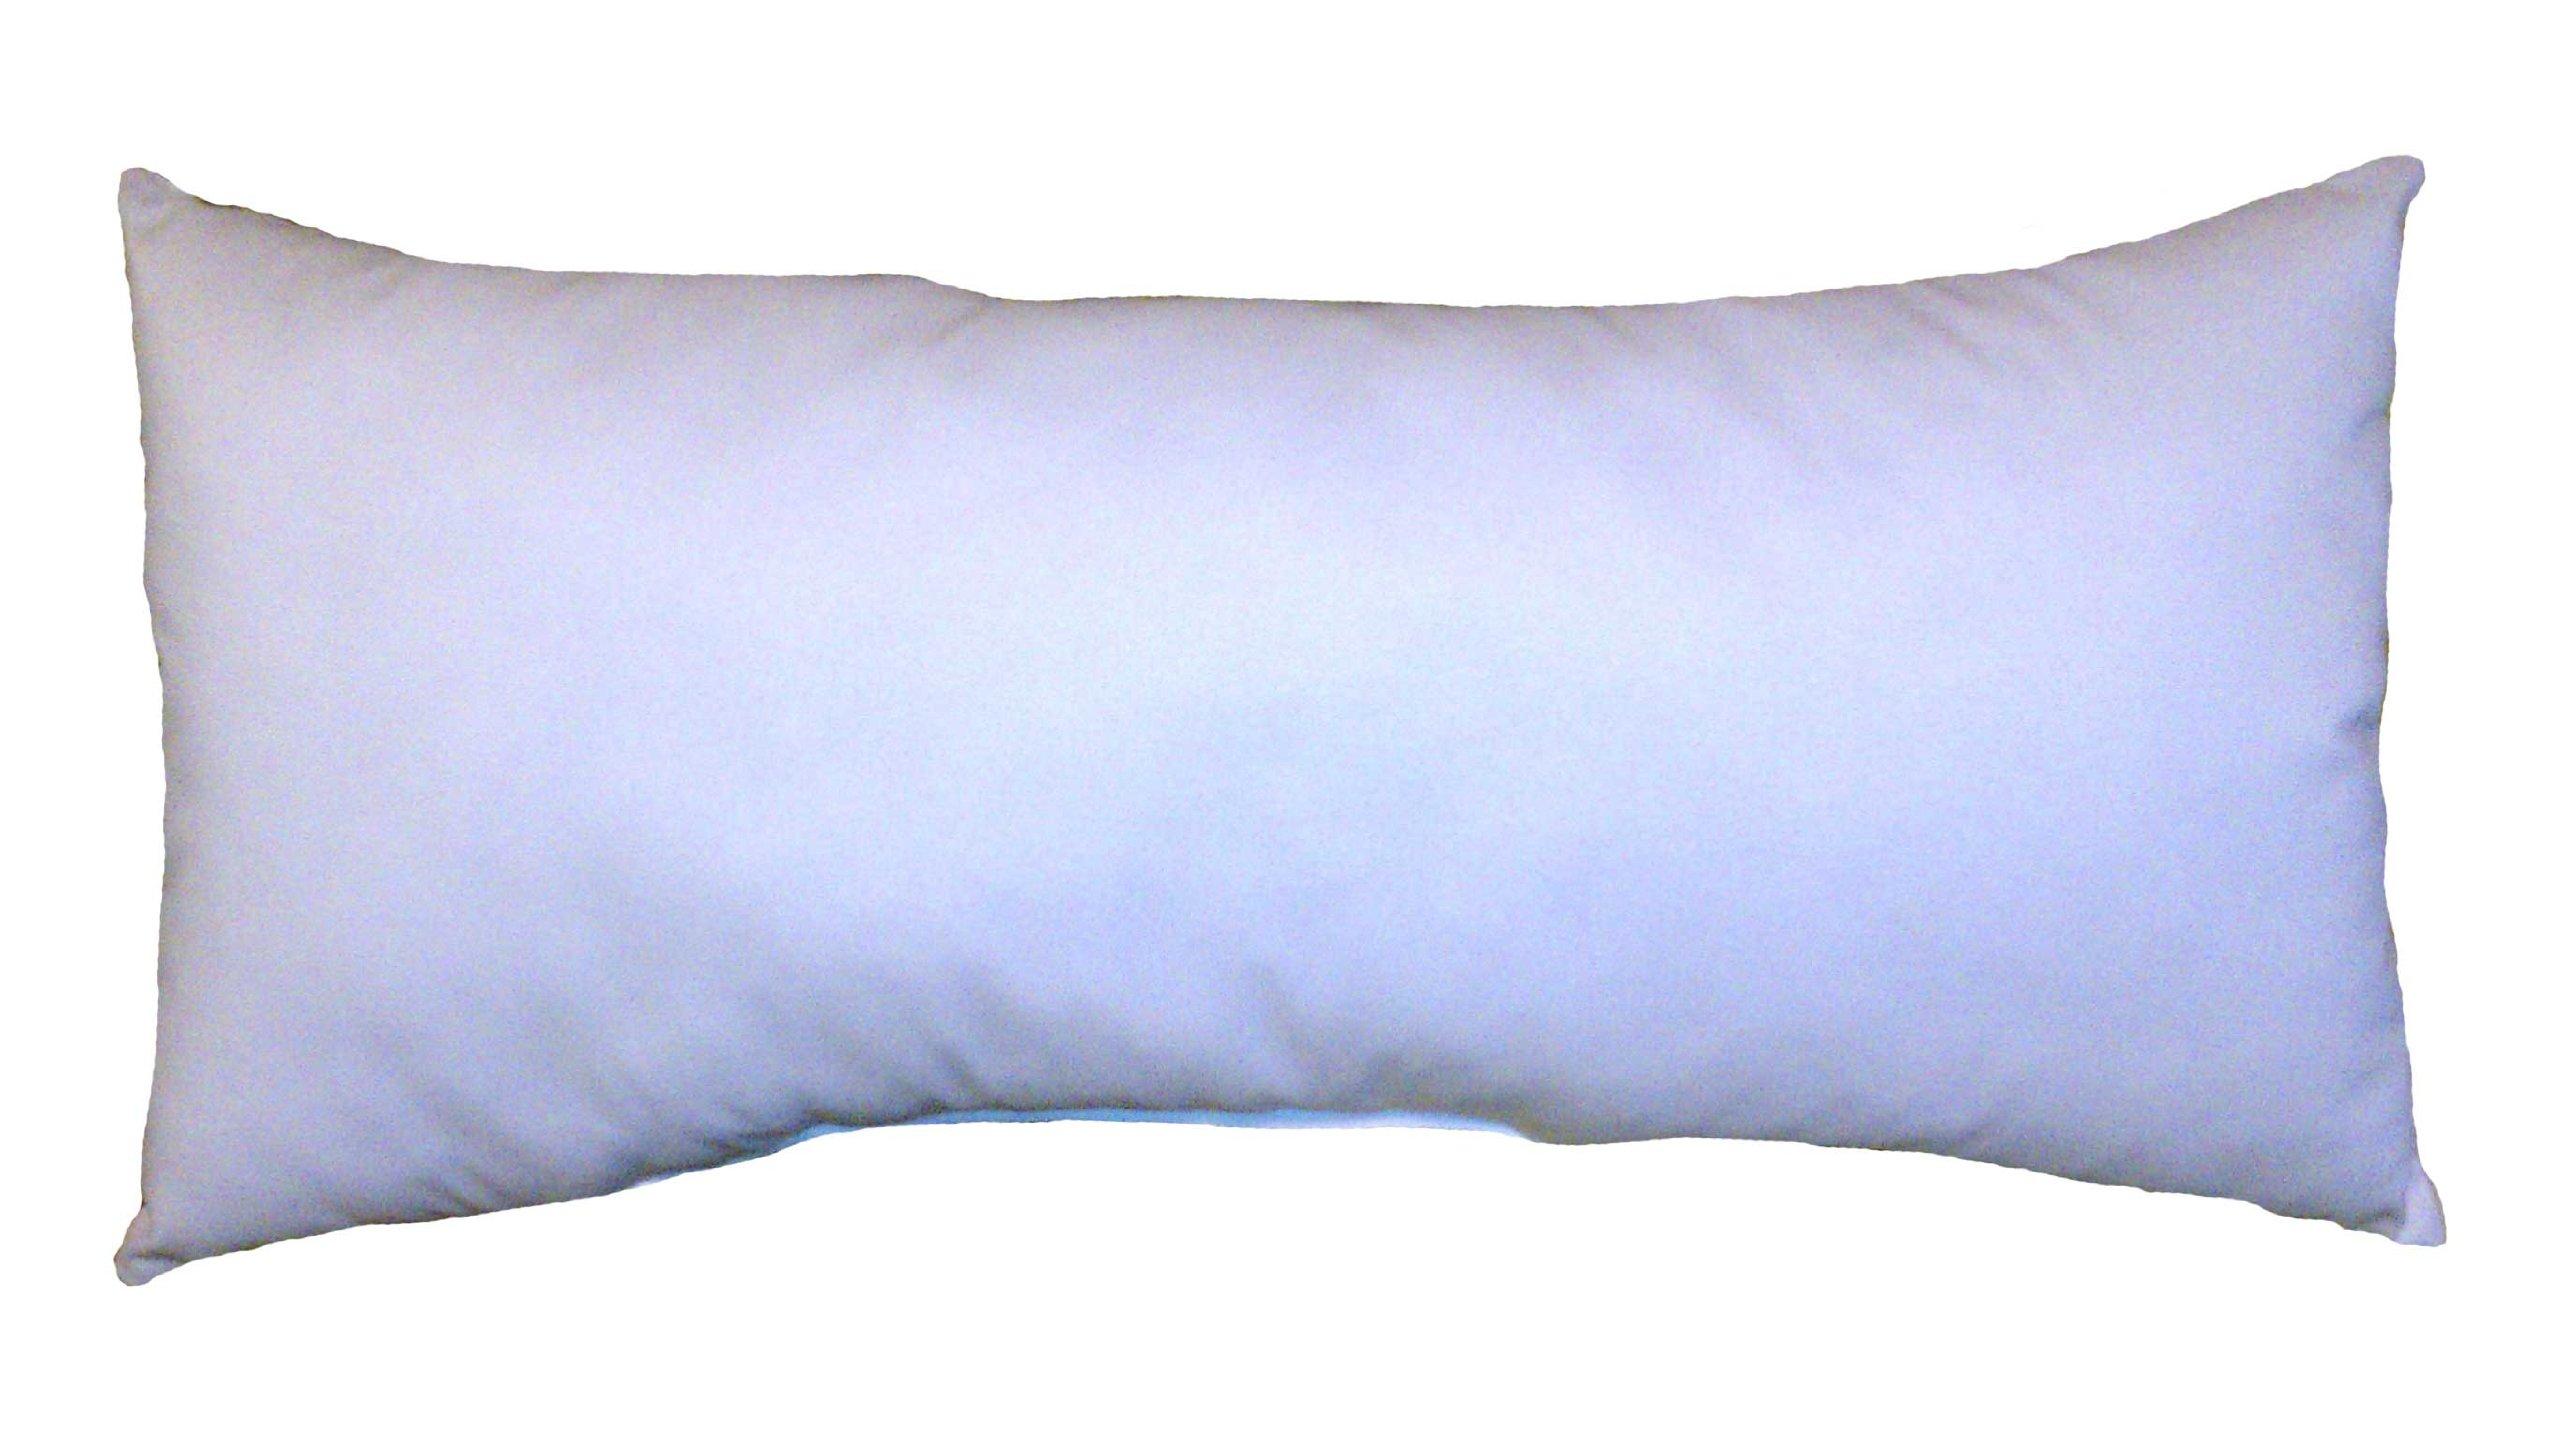 20x34 Pillow Insert Form